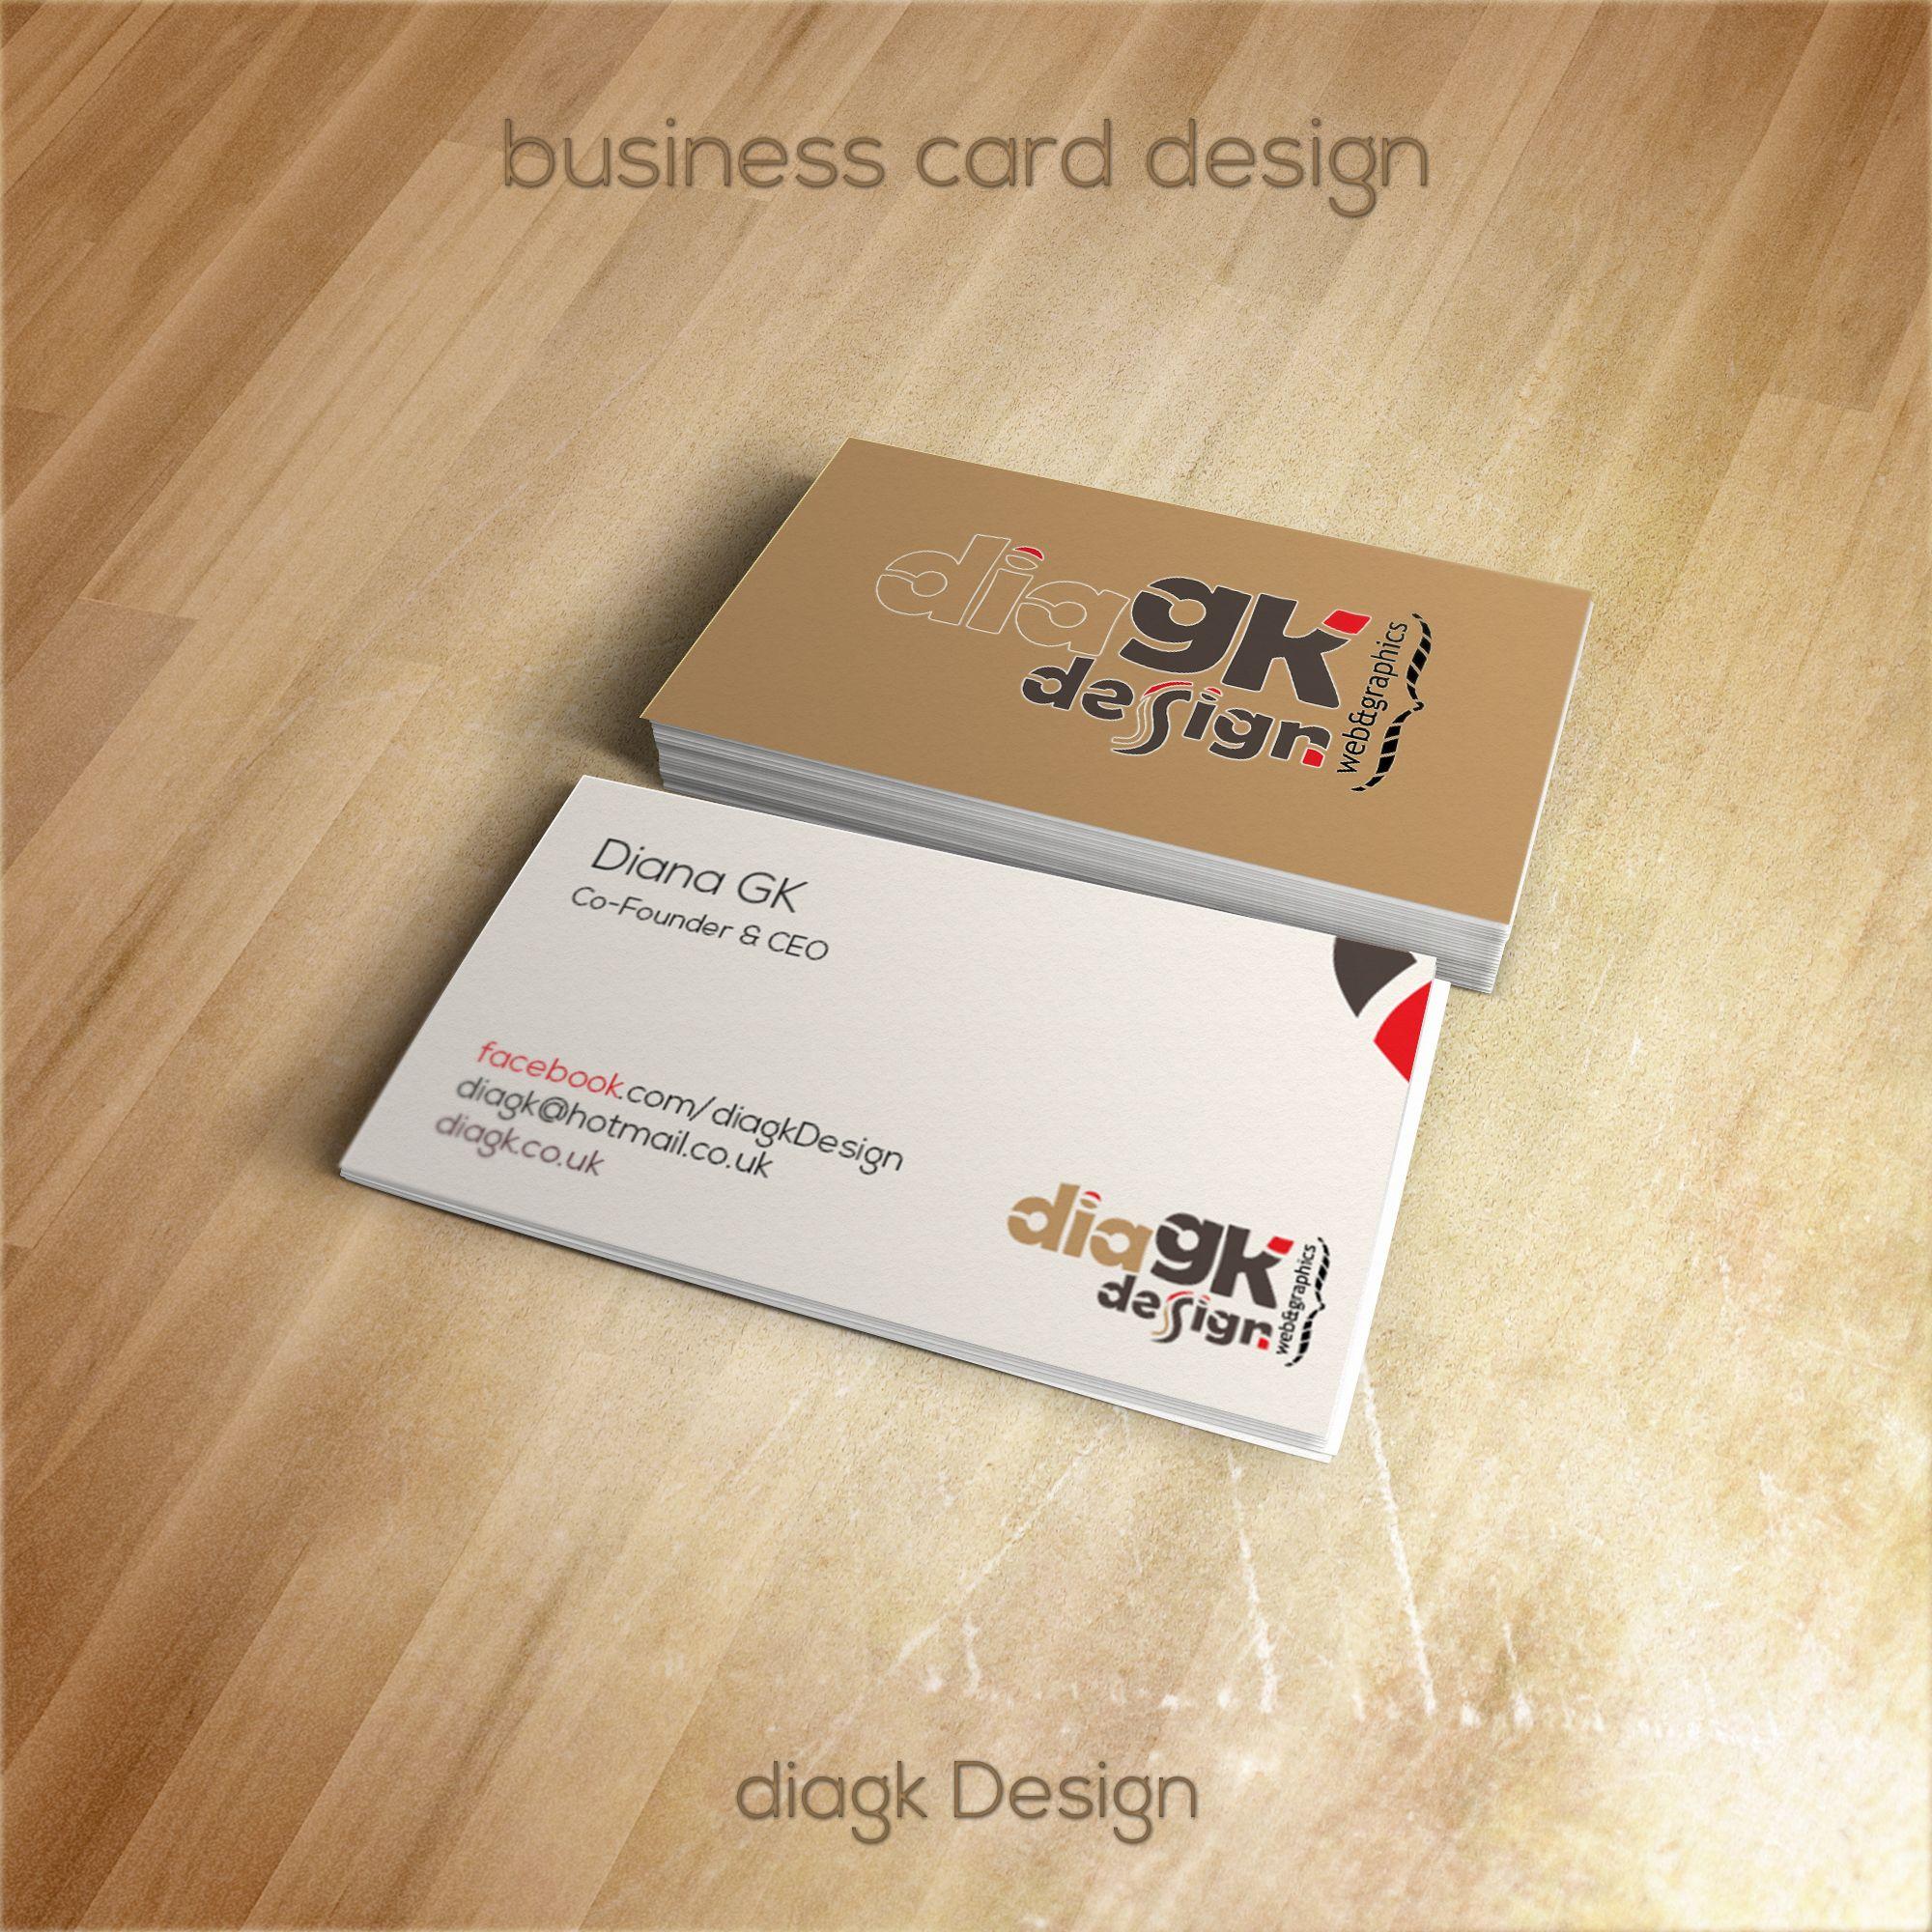 Business Card Business Card Design Card Design Marketing Design